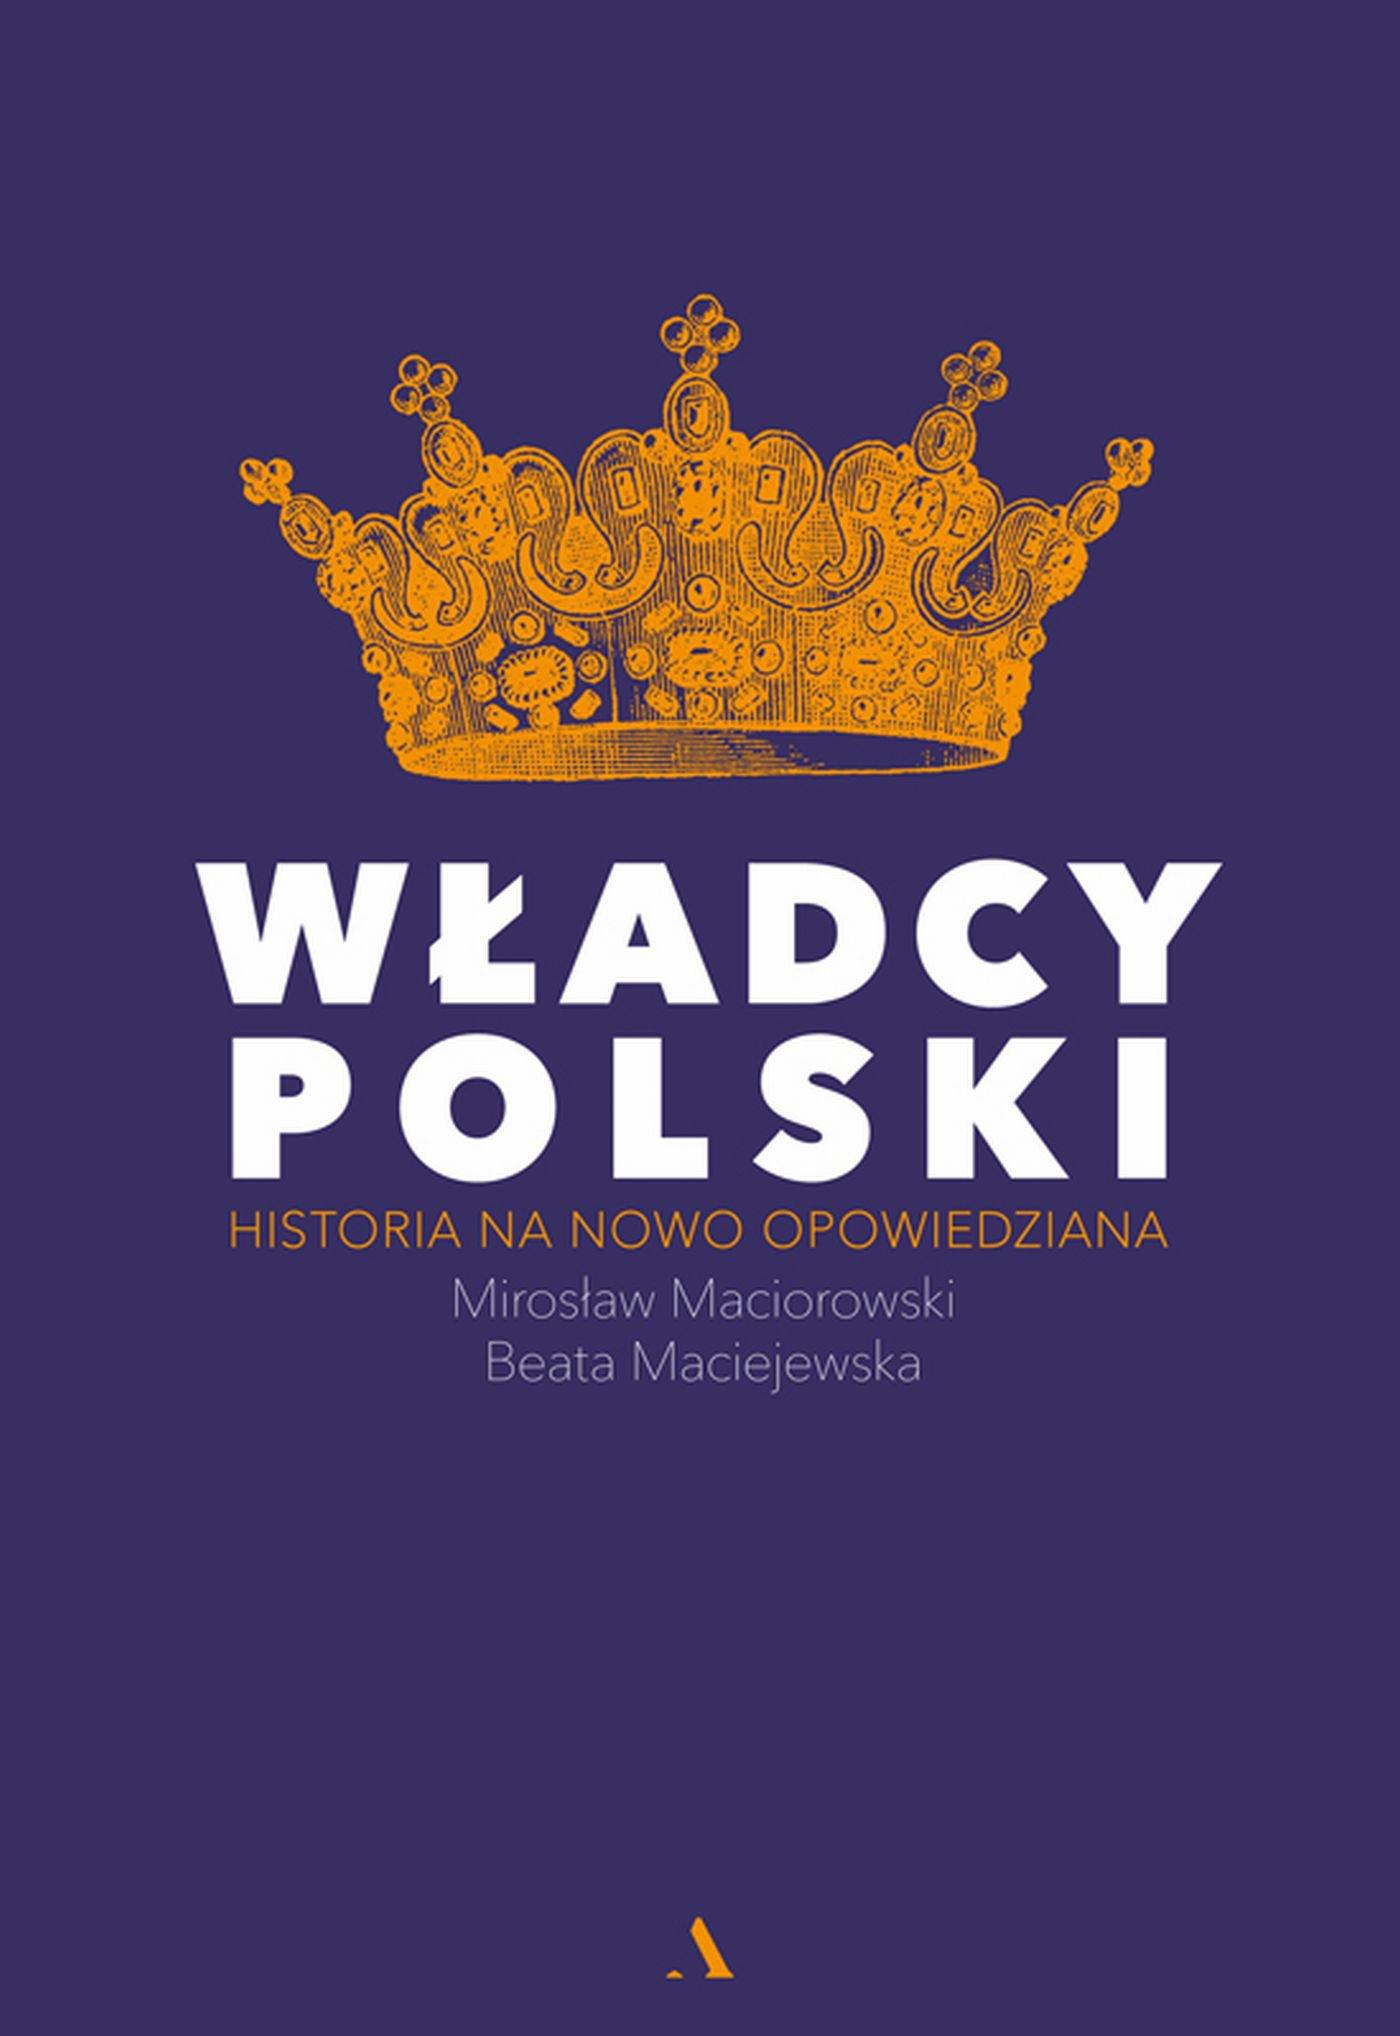 Władcy Polski. Historia na nowo opowiedziana - Ebook (Książka EPUB) do pobrania w formacie EPUB